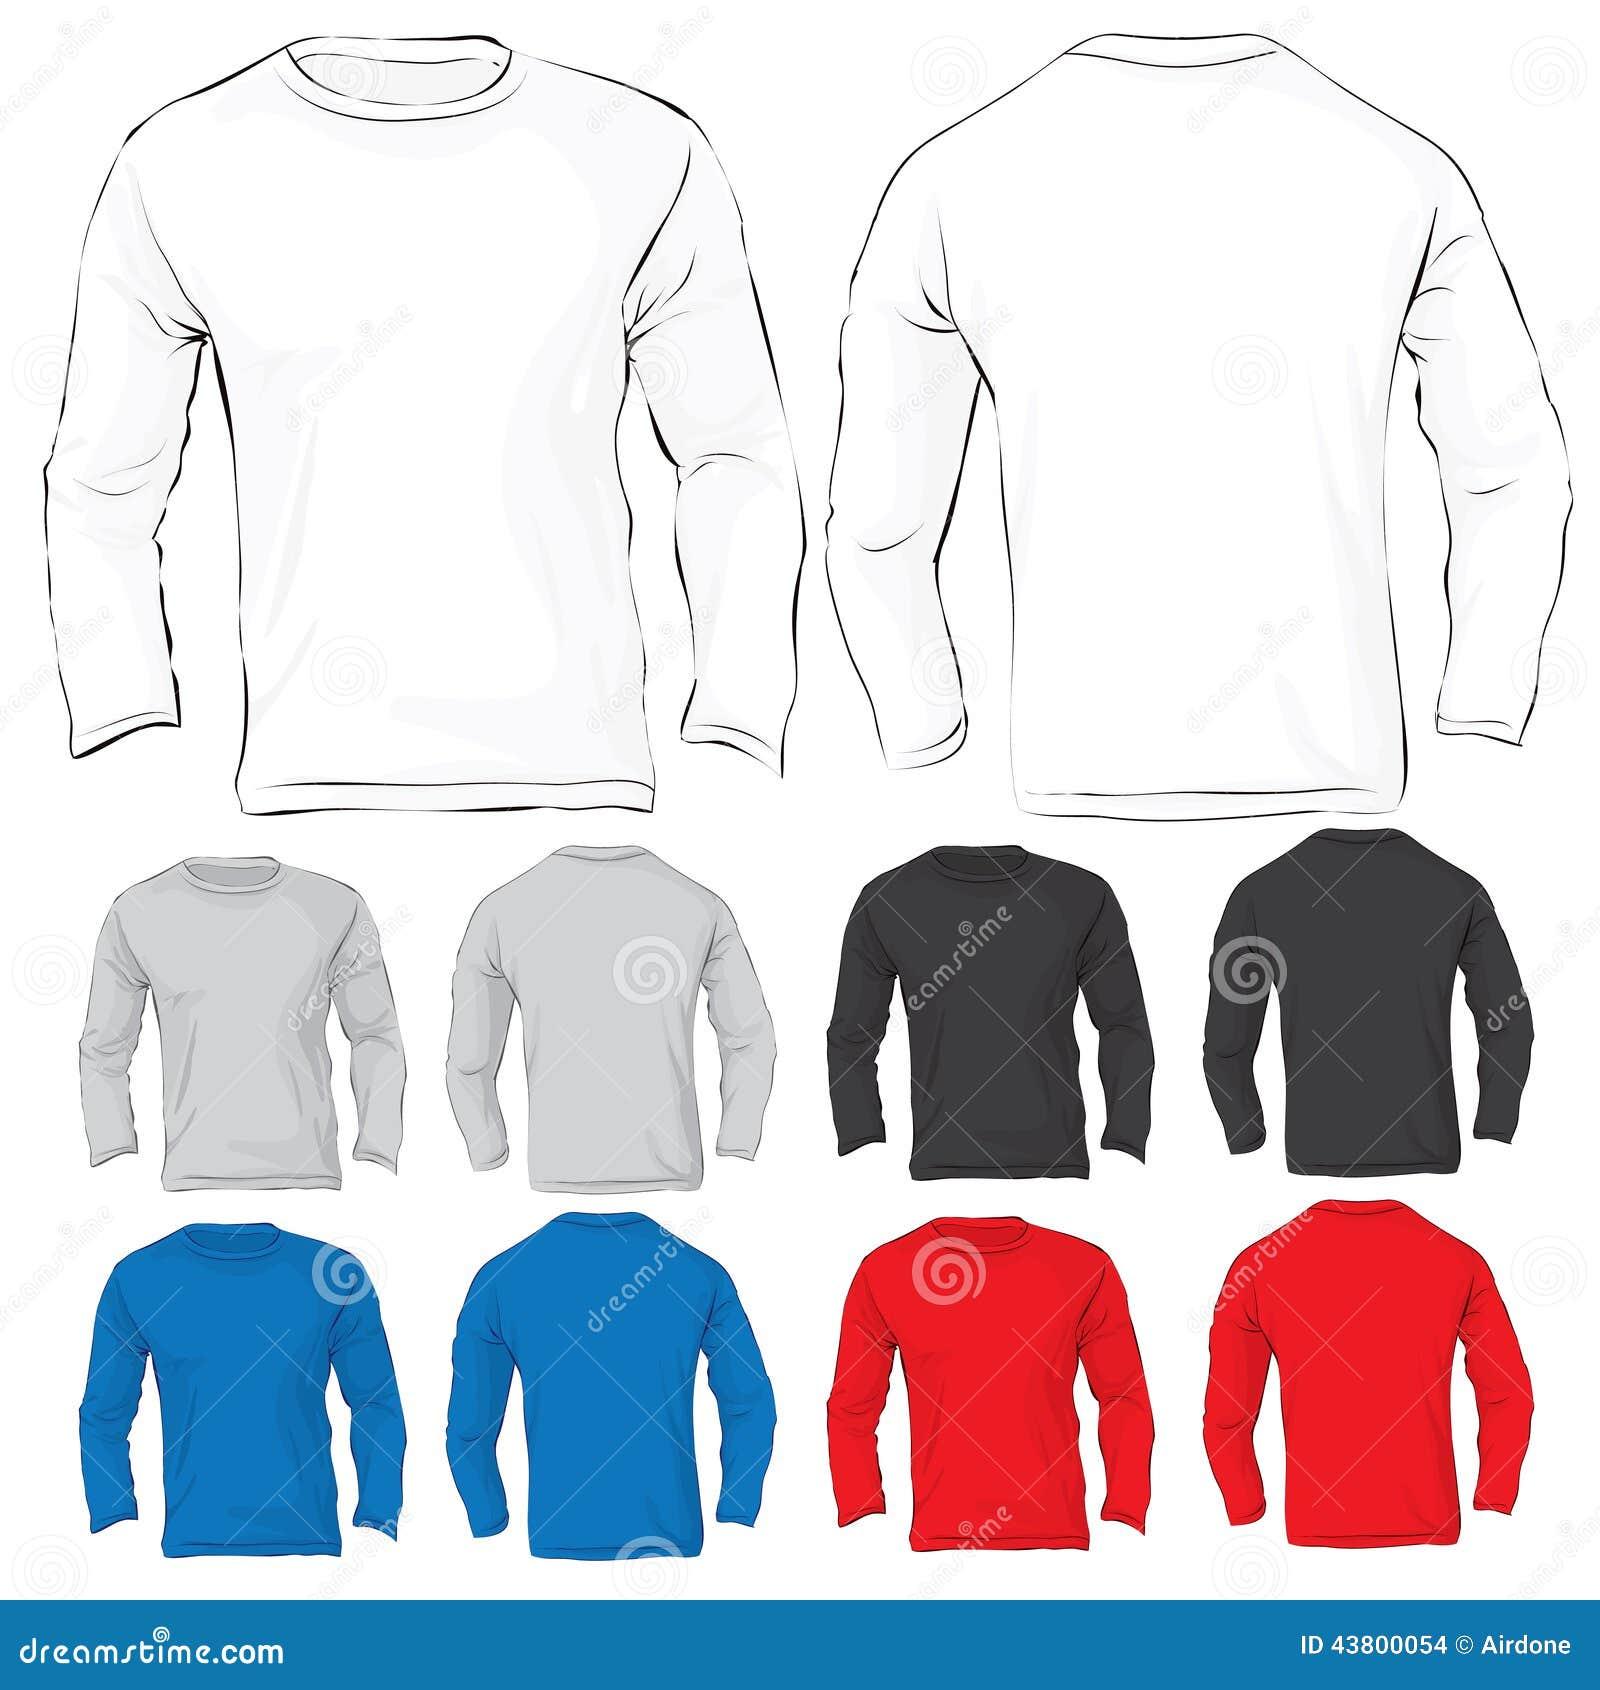 Schön Schablonent Shirt Bilder - Beispielzusammenfassung Ideen ...